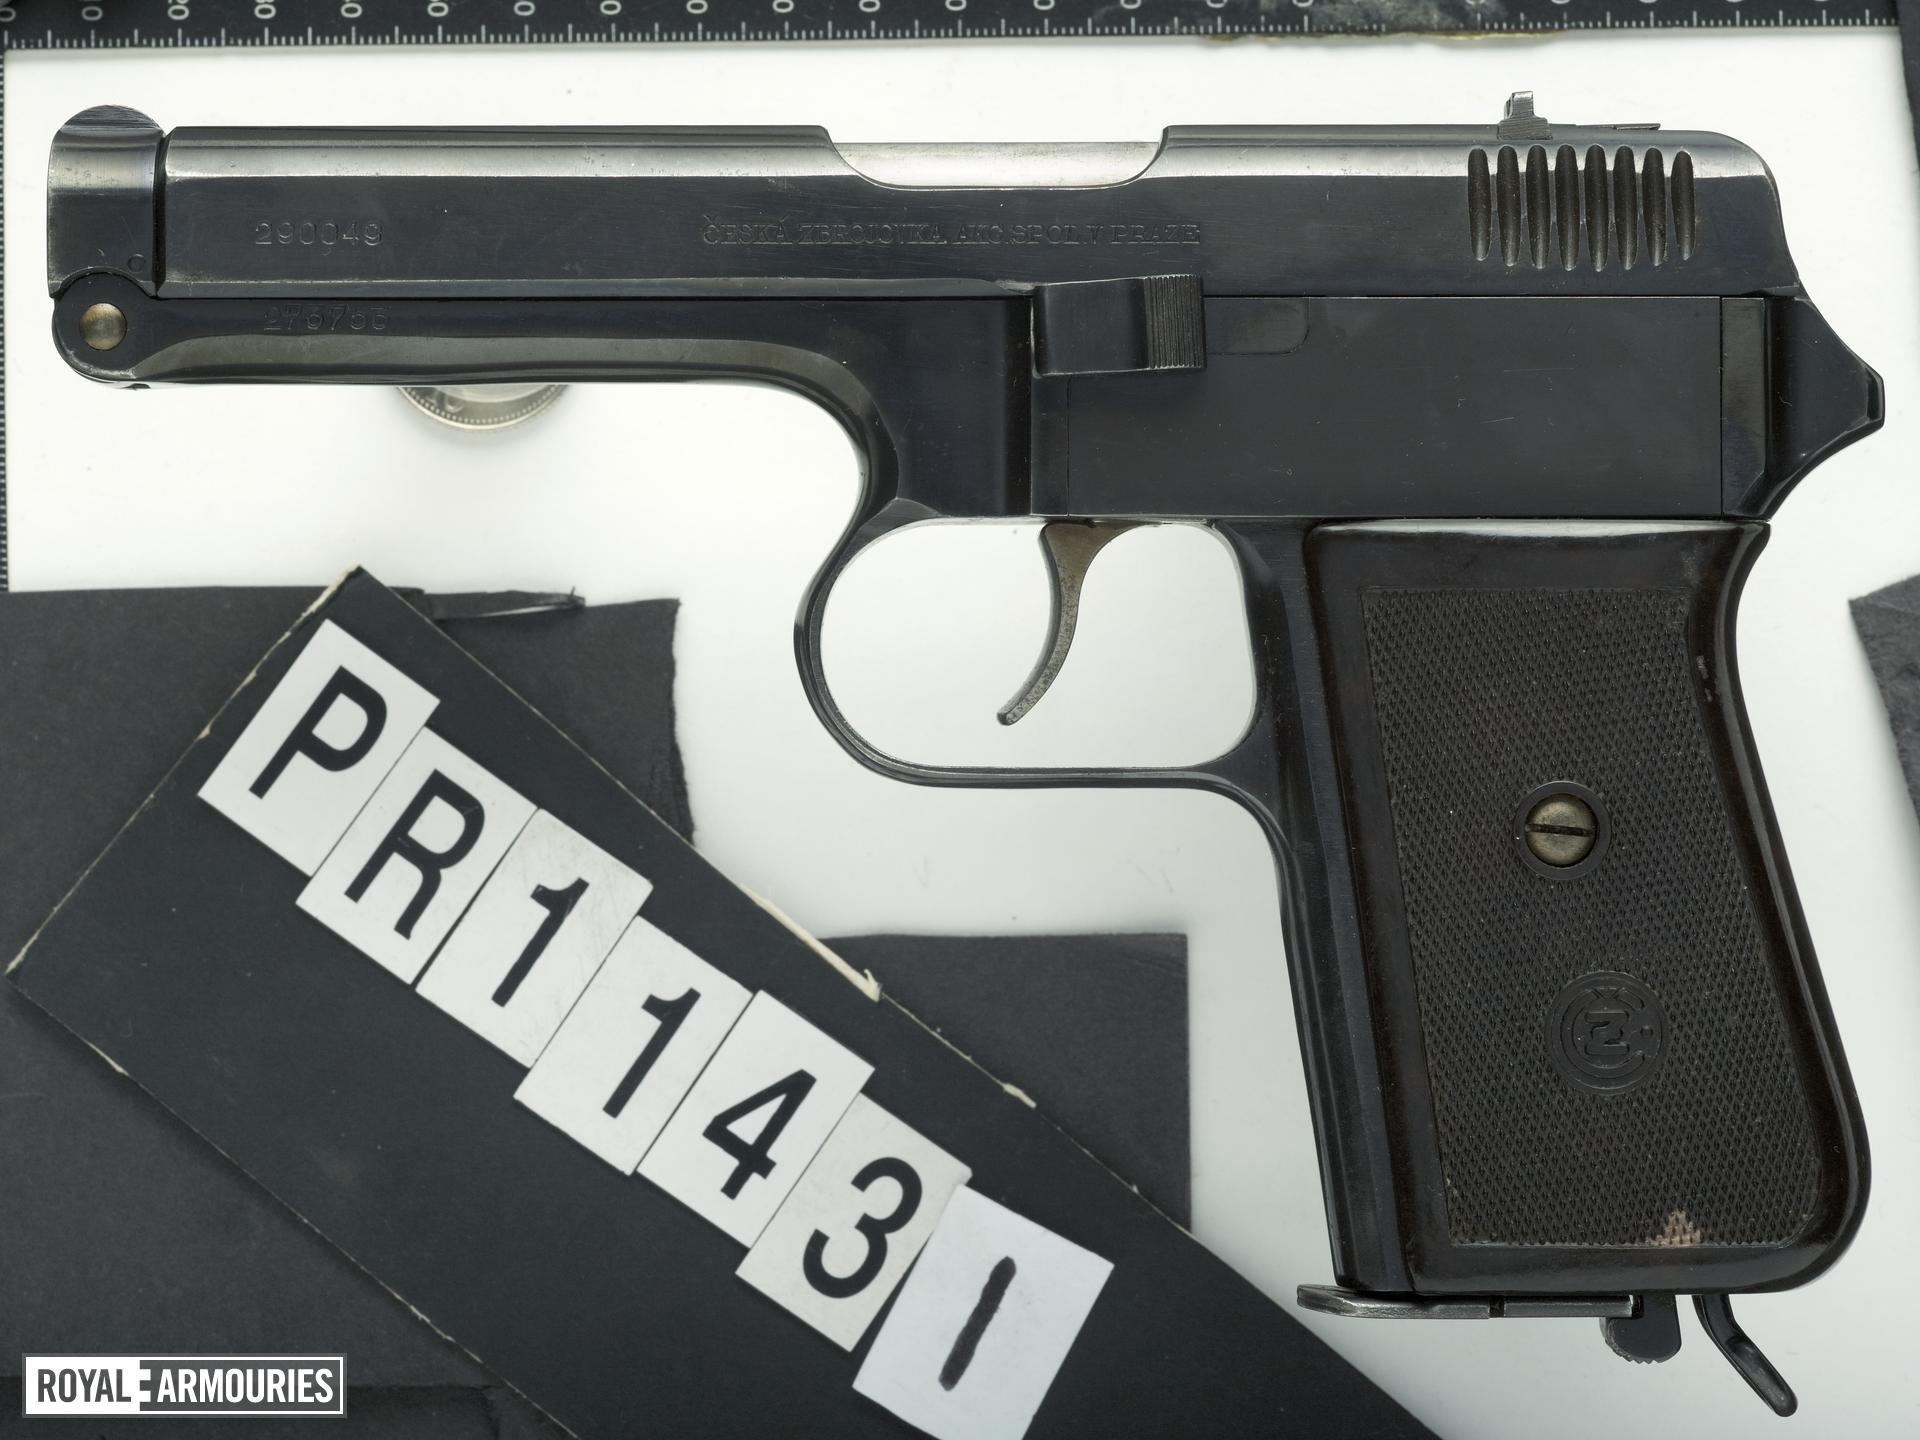 Centrefire self-loading pistol - CZ VZ38